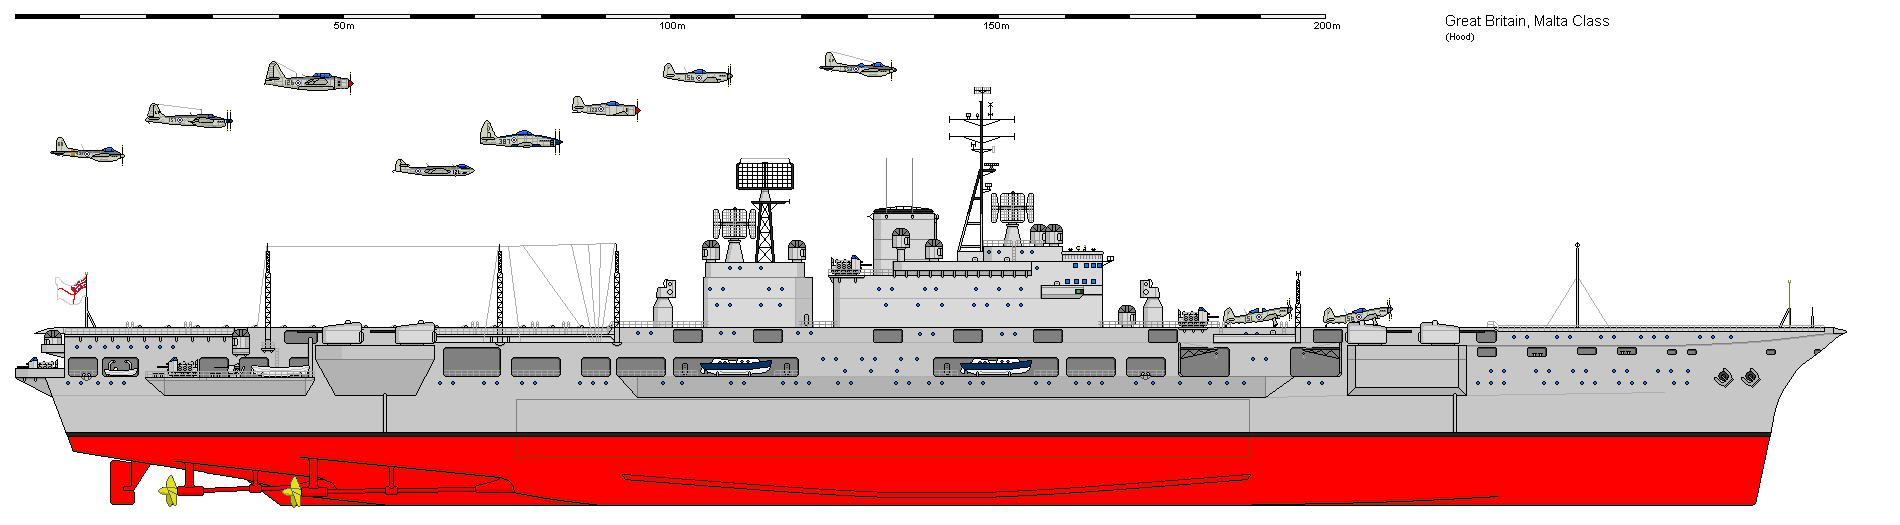 wi malta class aircraft carrier